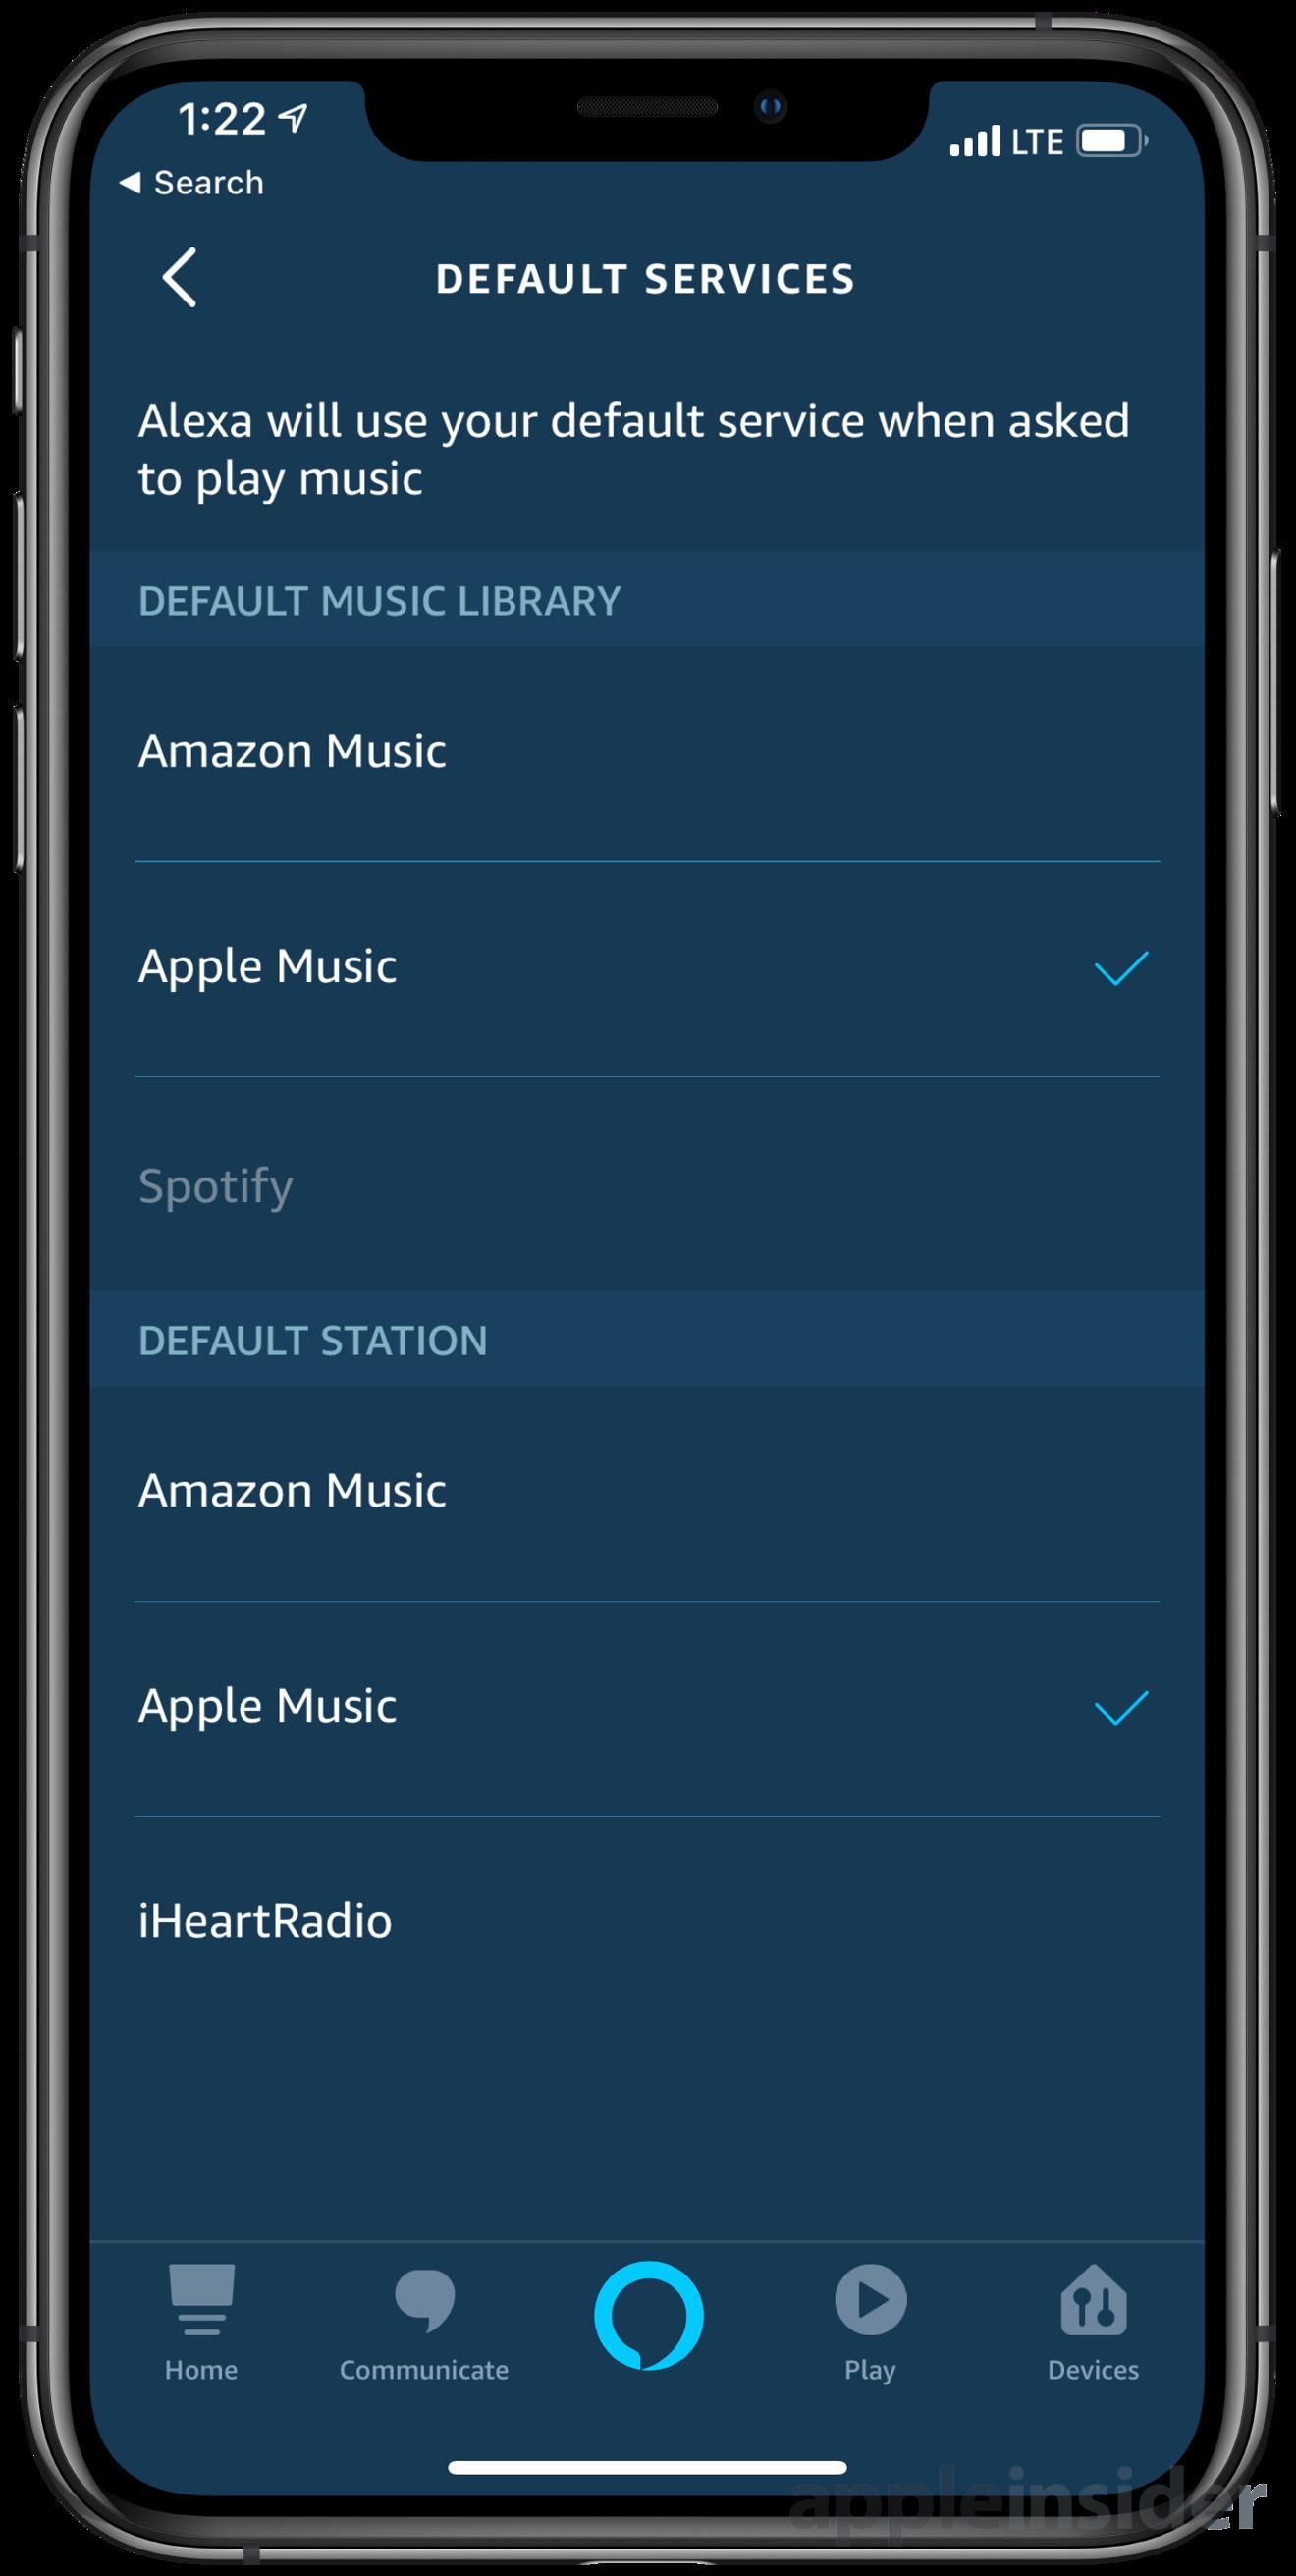 Apple Music default music sources